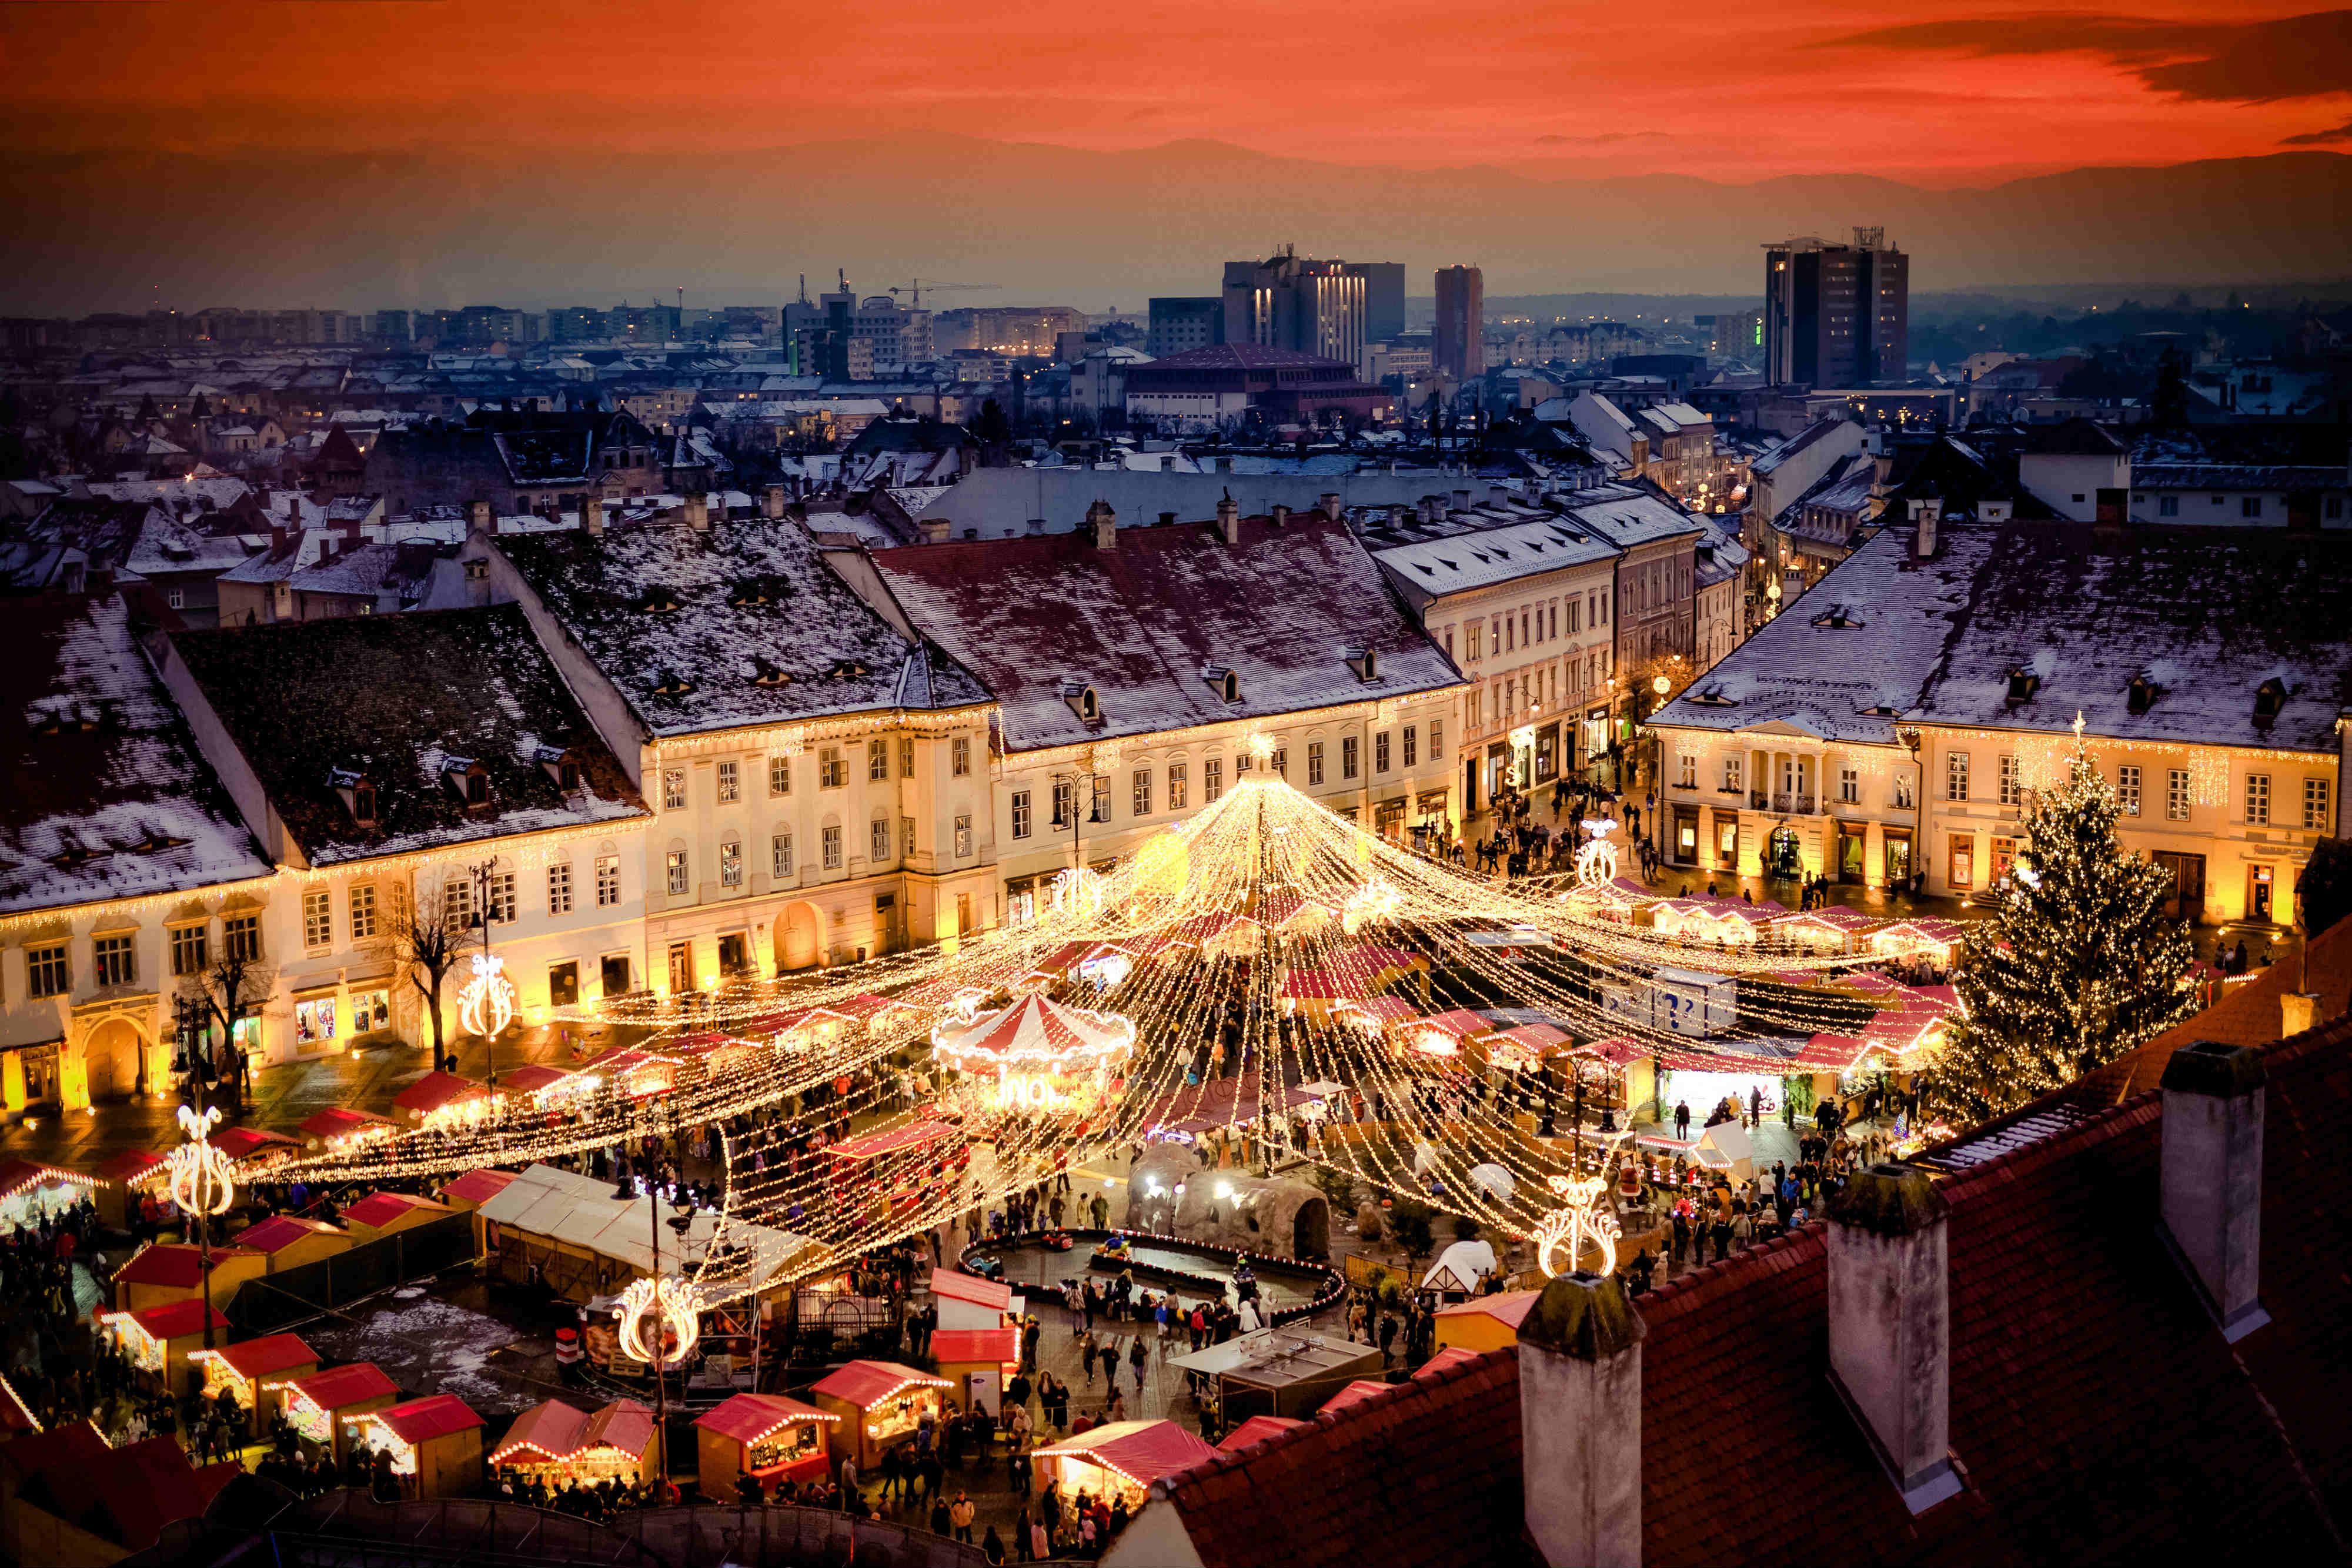 sejour noel original - Roumanie